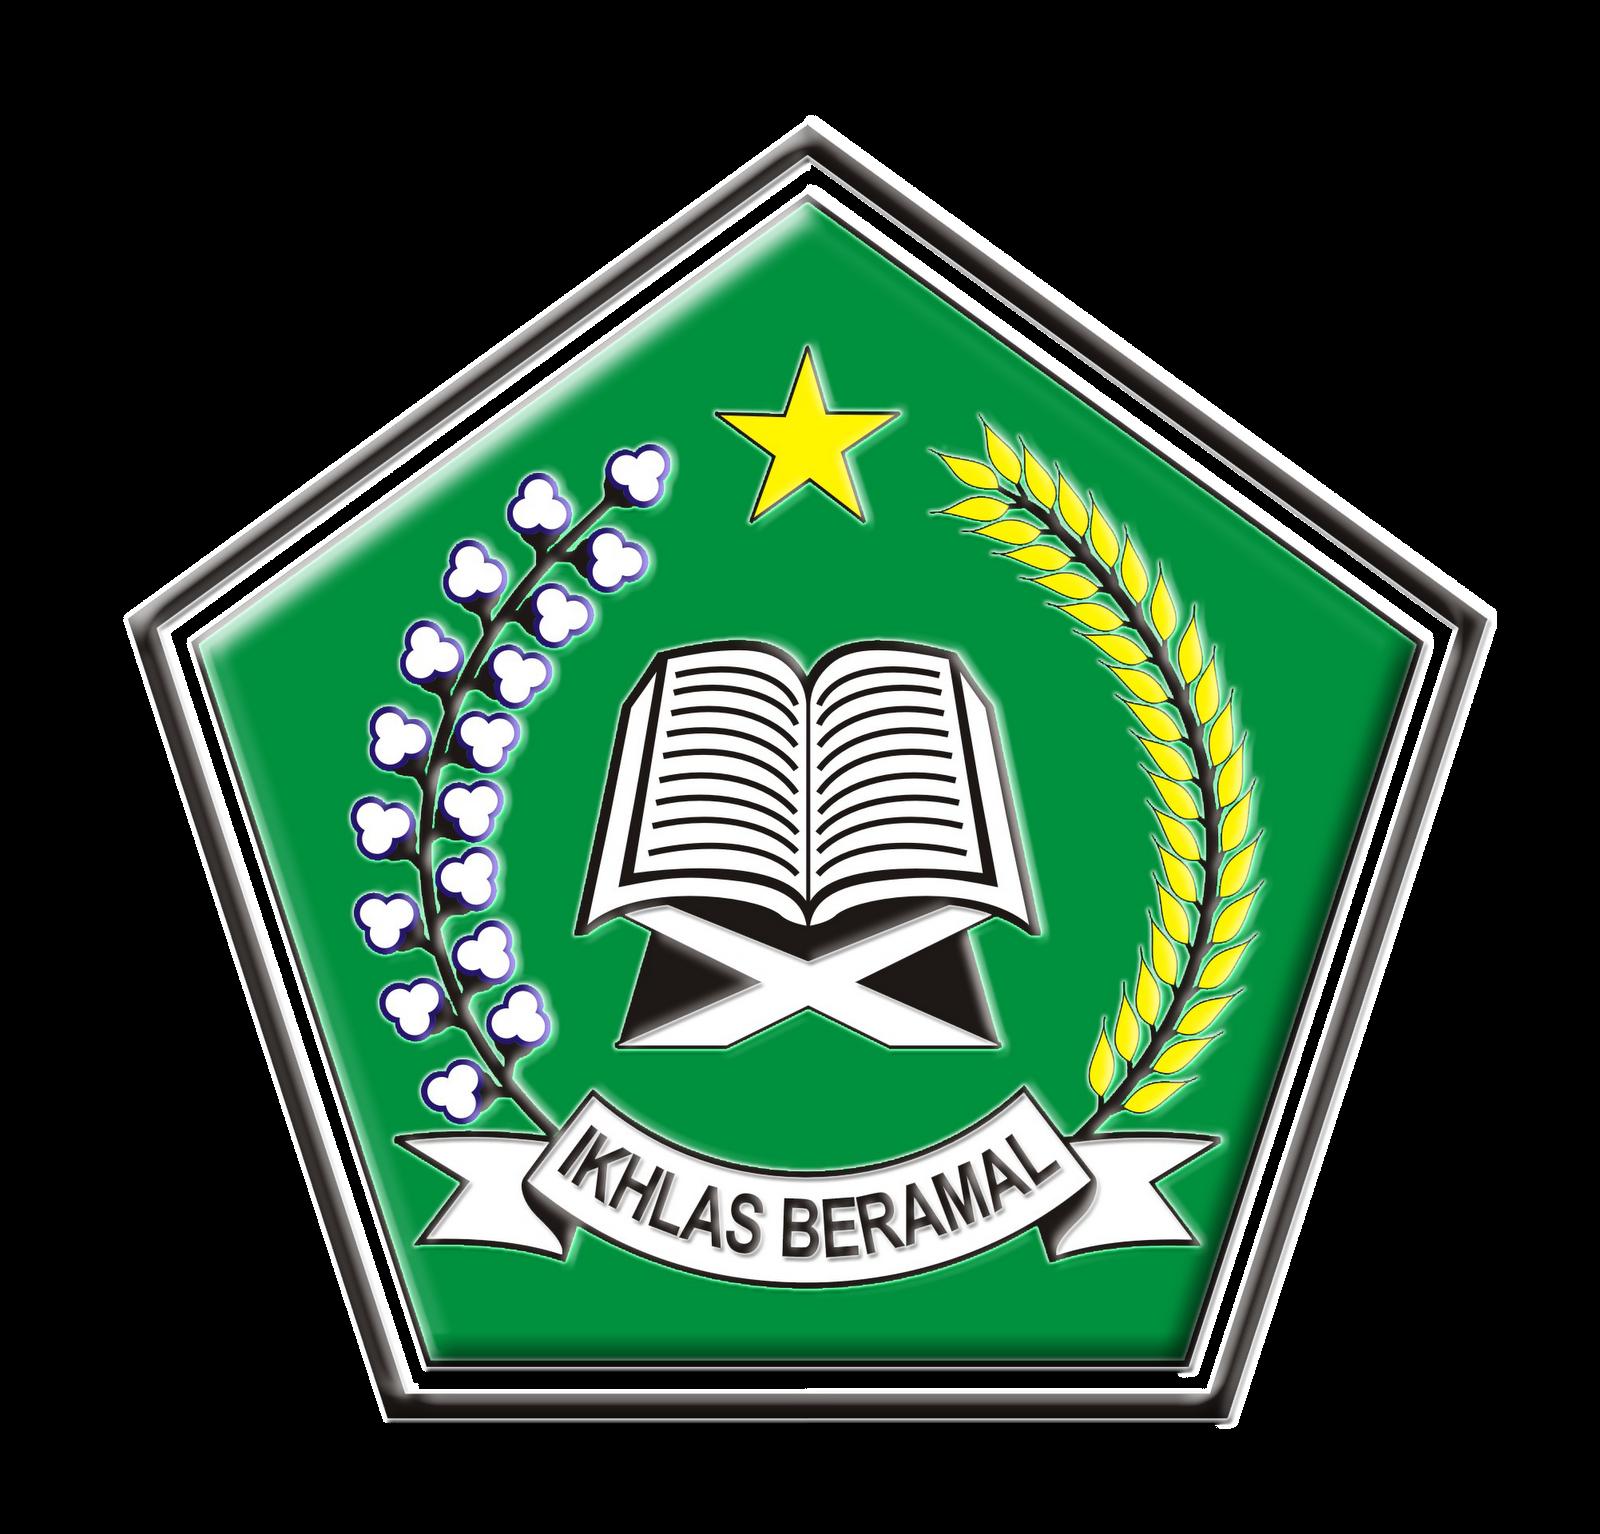 Logo Kementerian Agama Jpg Png Corel 3d Dan Hitam